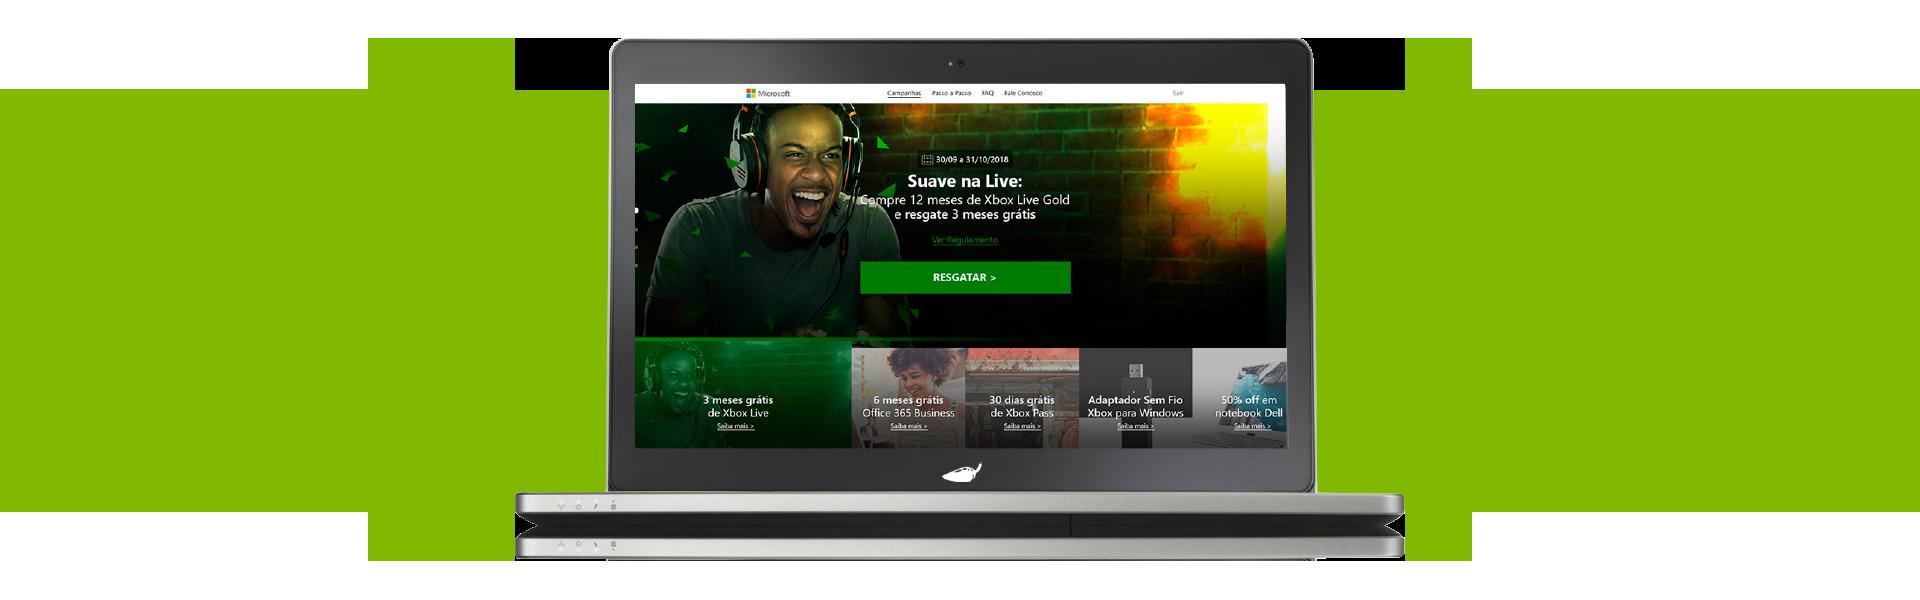 Plataforma de Resgate de Códigos Xbox